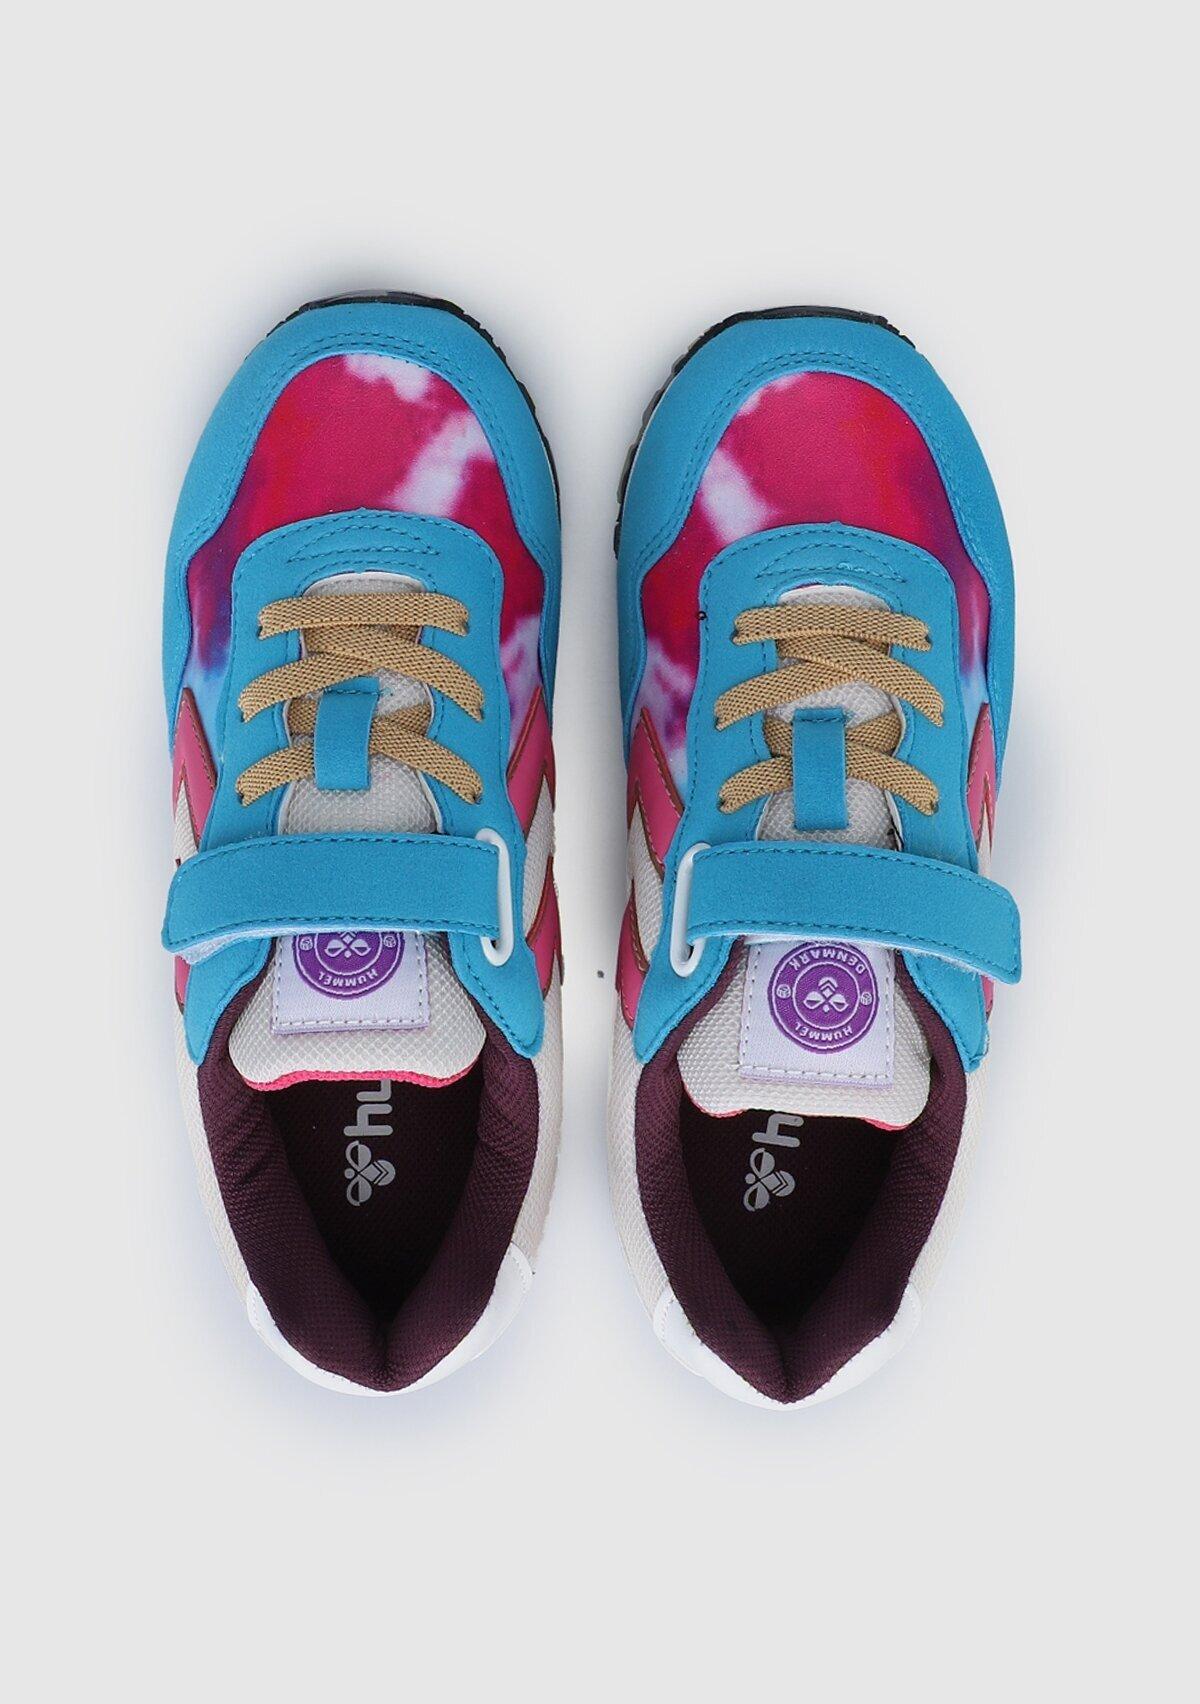 resm Hmlthor Energy Prınted Jr Sneaker Mavi Kız Çocuk Sneaker 212700-7986